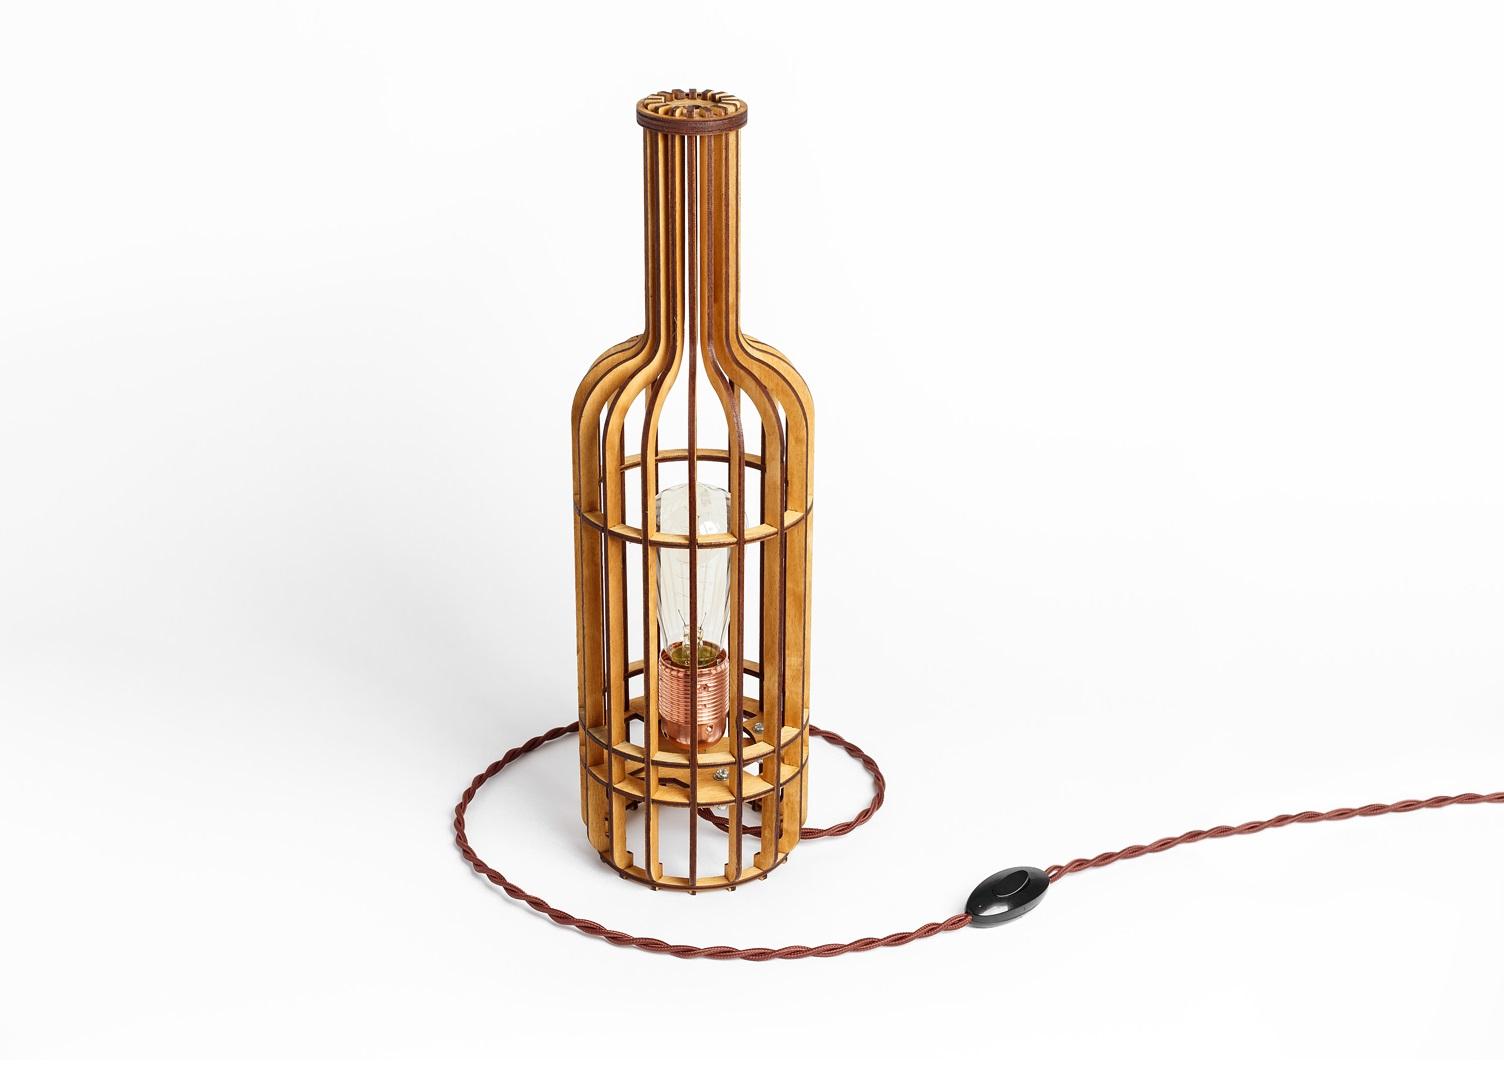 Деревянный светильник Бутылка ВинаДекоративные лампы<br>Деревянный светильник в стиле Лофт. Поставляется в собранном виде.&amp;amp;nbsp;&amp;lt;div&amp;gt;&amp;lt;br&amp;gt;&amp;lt;/div&amp;gt;&amp;lt;div&amp;gt;&amp;lt;div&amp;gt;Вид цоколя: E27&amp;lt;/div&amp;gt;&amp;lt;div&amp;gt;Мощность: 60W&amp;lt;/div&amp;gt;&amp;lt;div&amp;gt;Количество ламп: 1 (нет в комплекте)&amp;lt;/div&amp;gt;&amp;lt;/div&amp;gt;<br><br>Material: Дерево<br>Высота см: 44